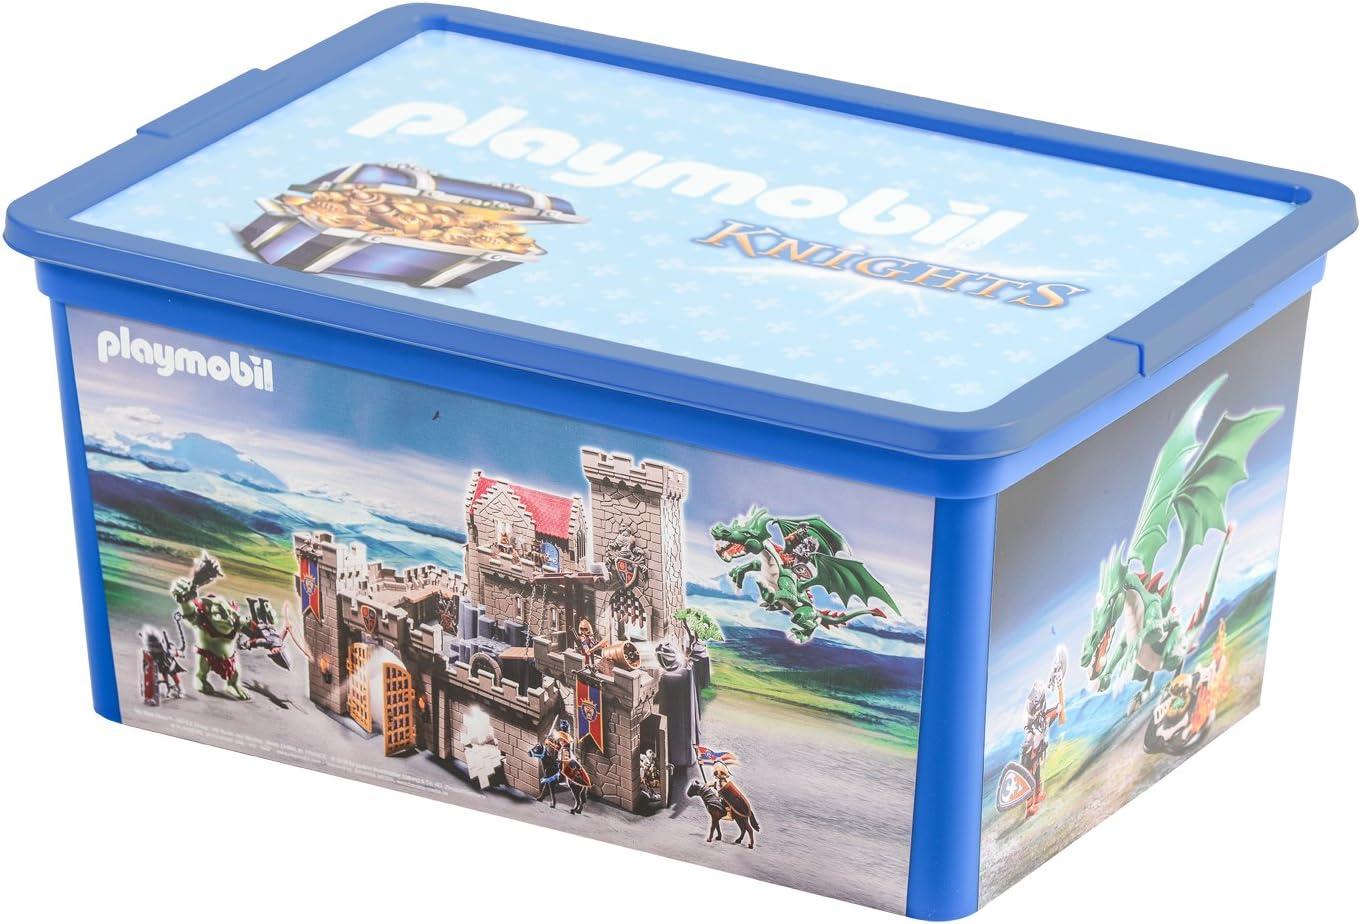 PLAYMOBIL–064746–Caja–Ritter–12l